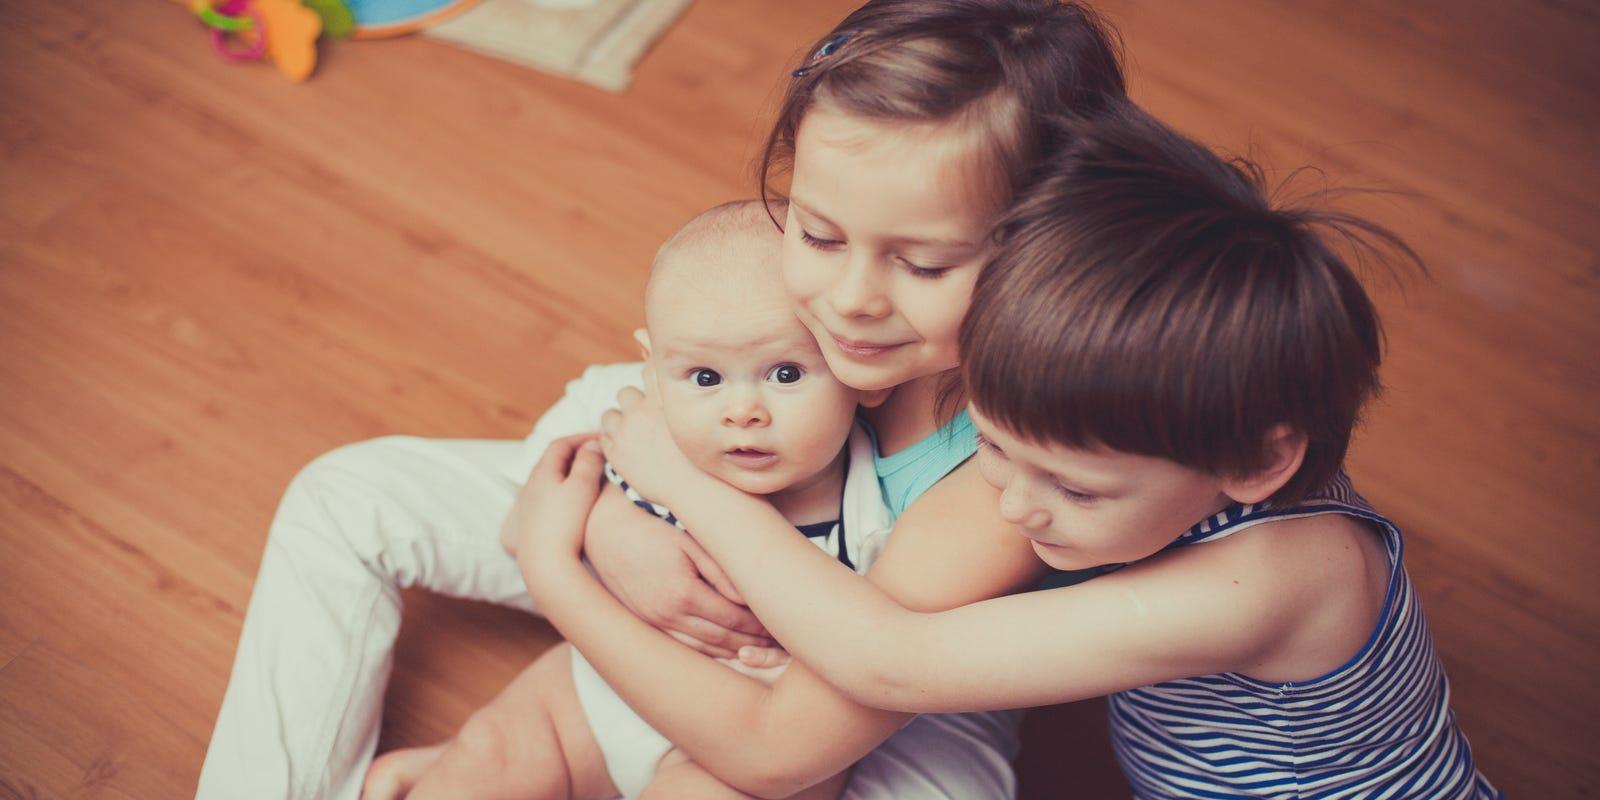 Секс брат и сестра на дому смотреть бесплатно, Брат и сестра русский инцент: порно видео онлайн 27 фотография